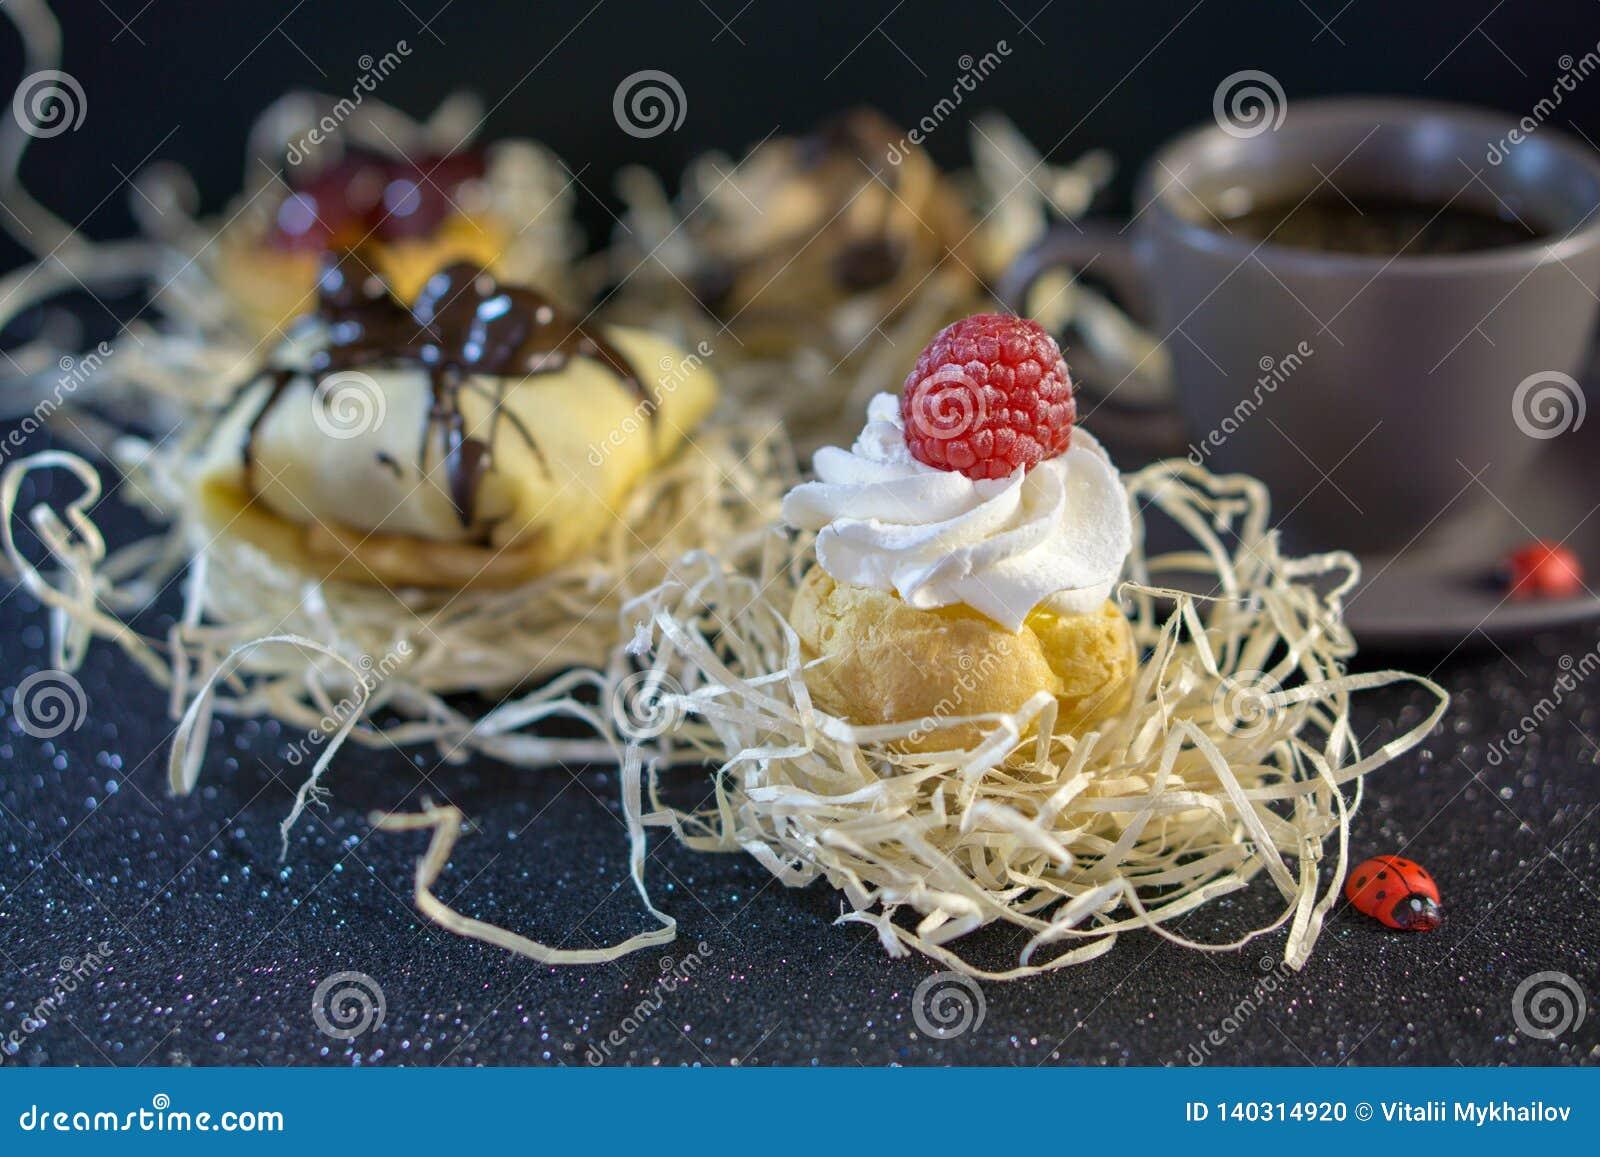 Οι θείες ζύμες με τα σμέουρα και η κρέμα, με ένα κατώτατο σημείο κάτω από το κέικ, θολώνουν το υπόβαθρο με άλλα ζύμες και α